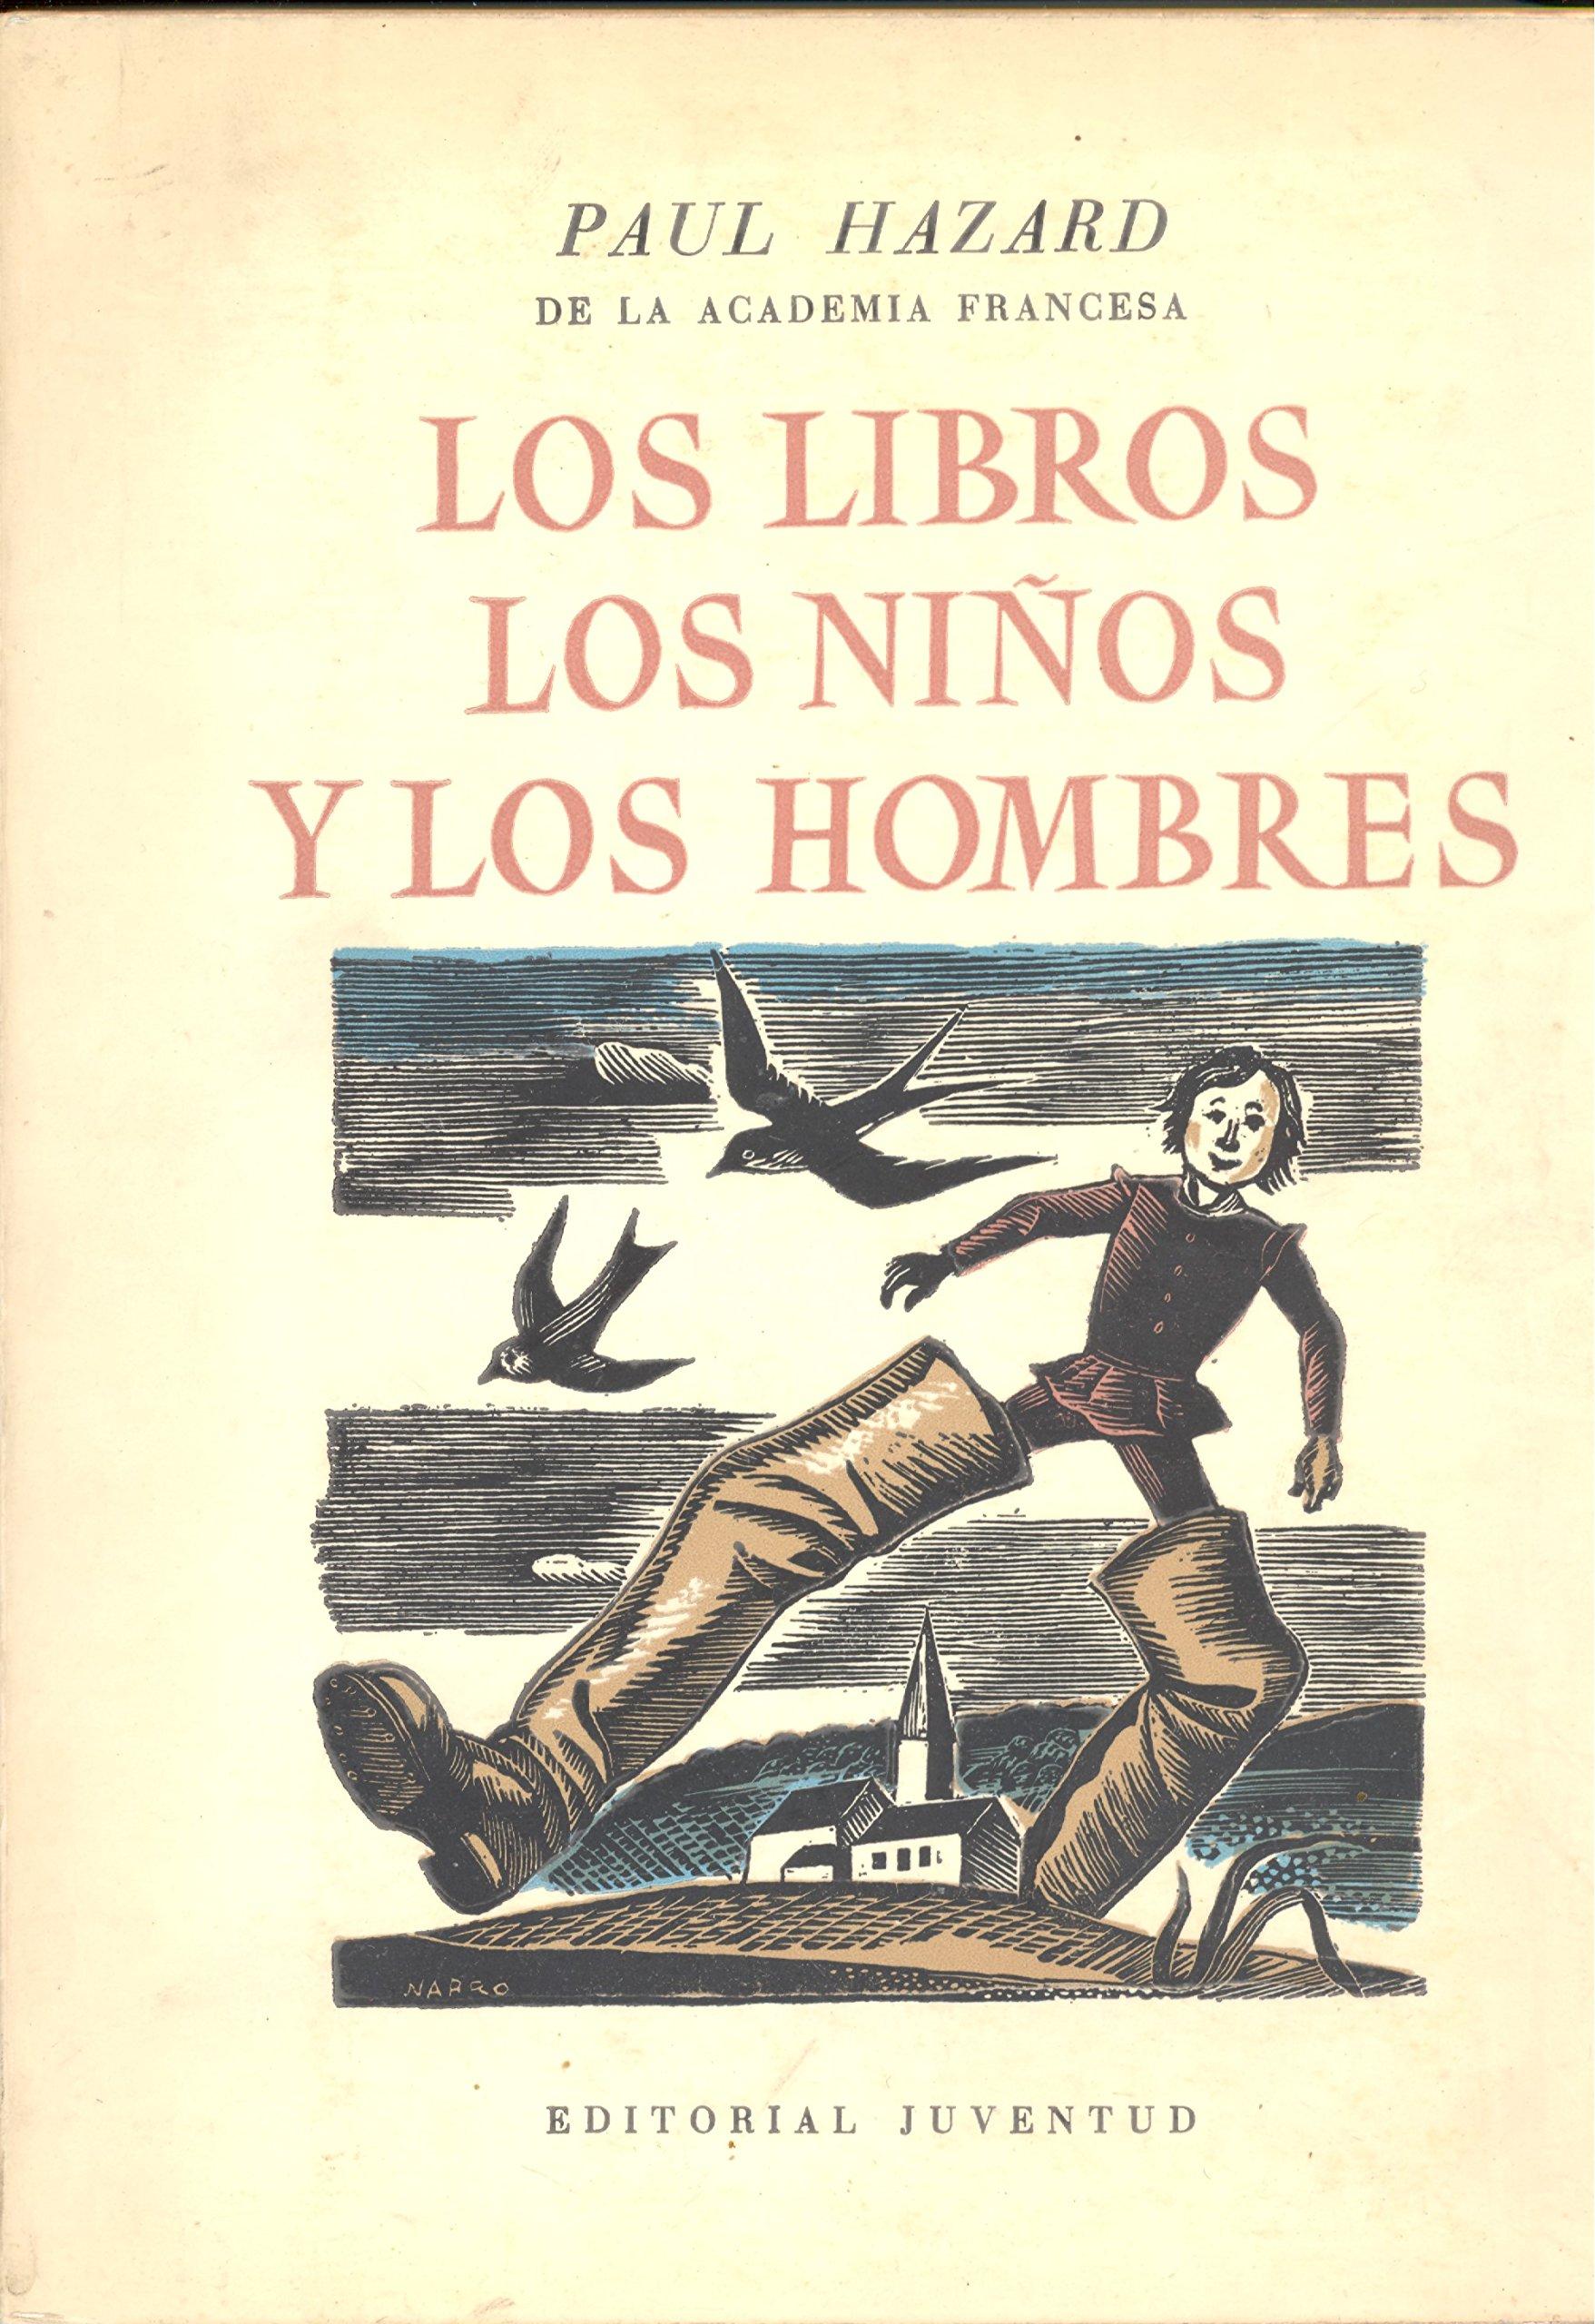 Libros, los niños y los hombres, lso: Amazon.es: Paul Hazard ...